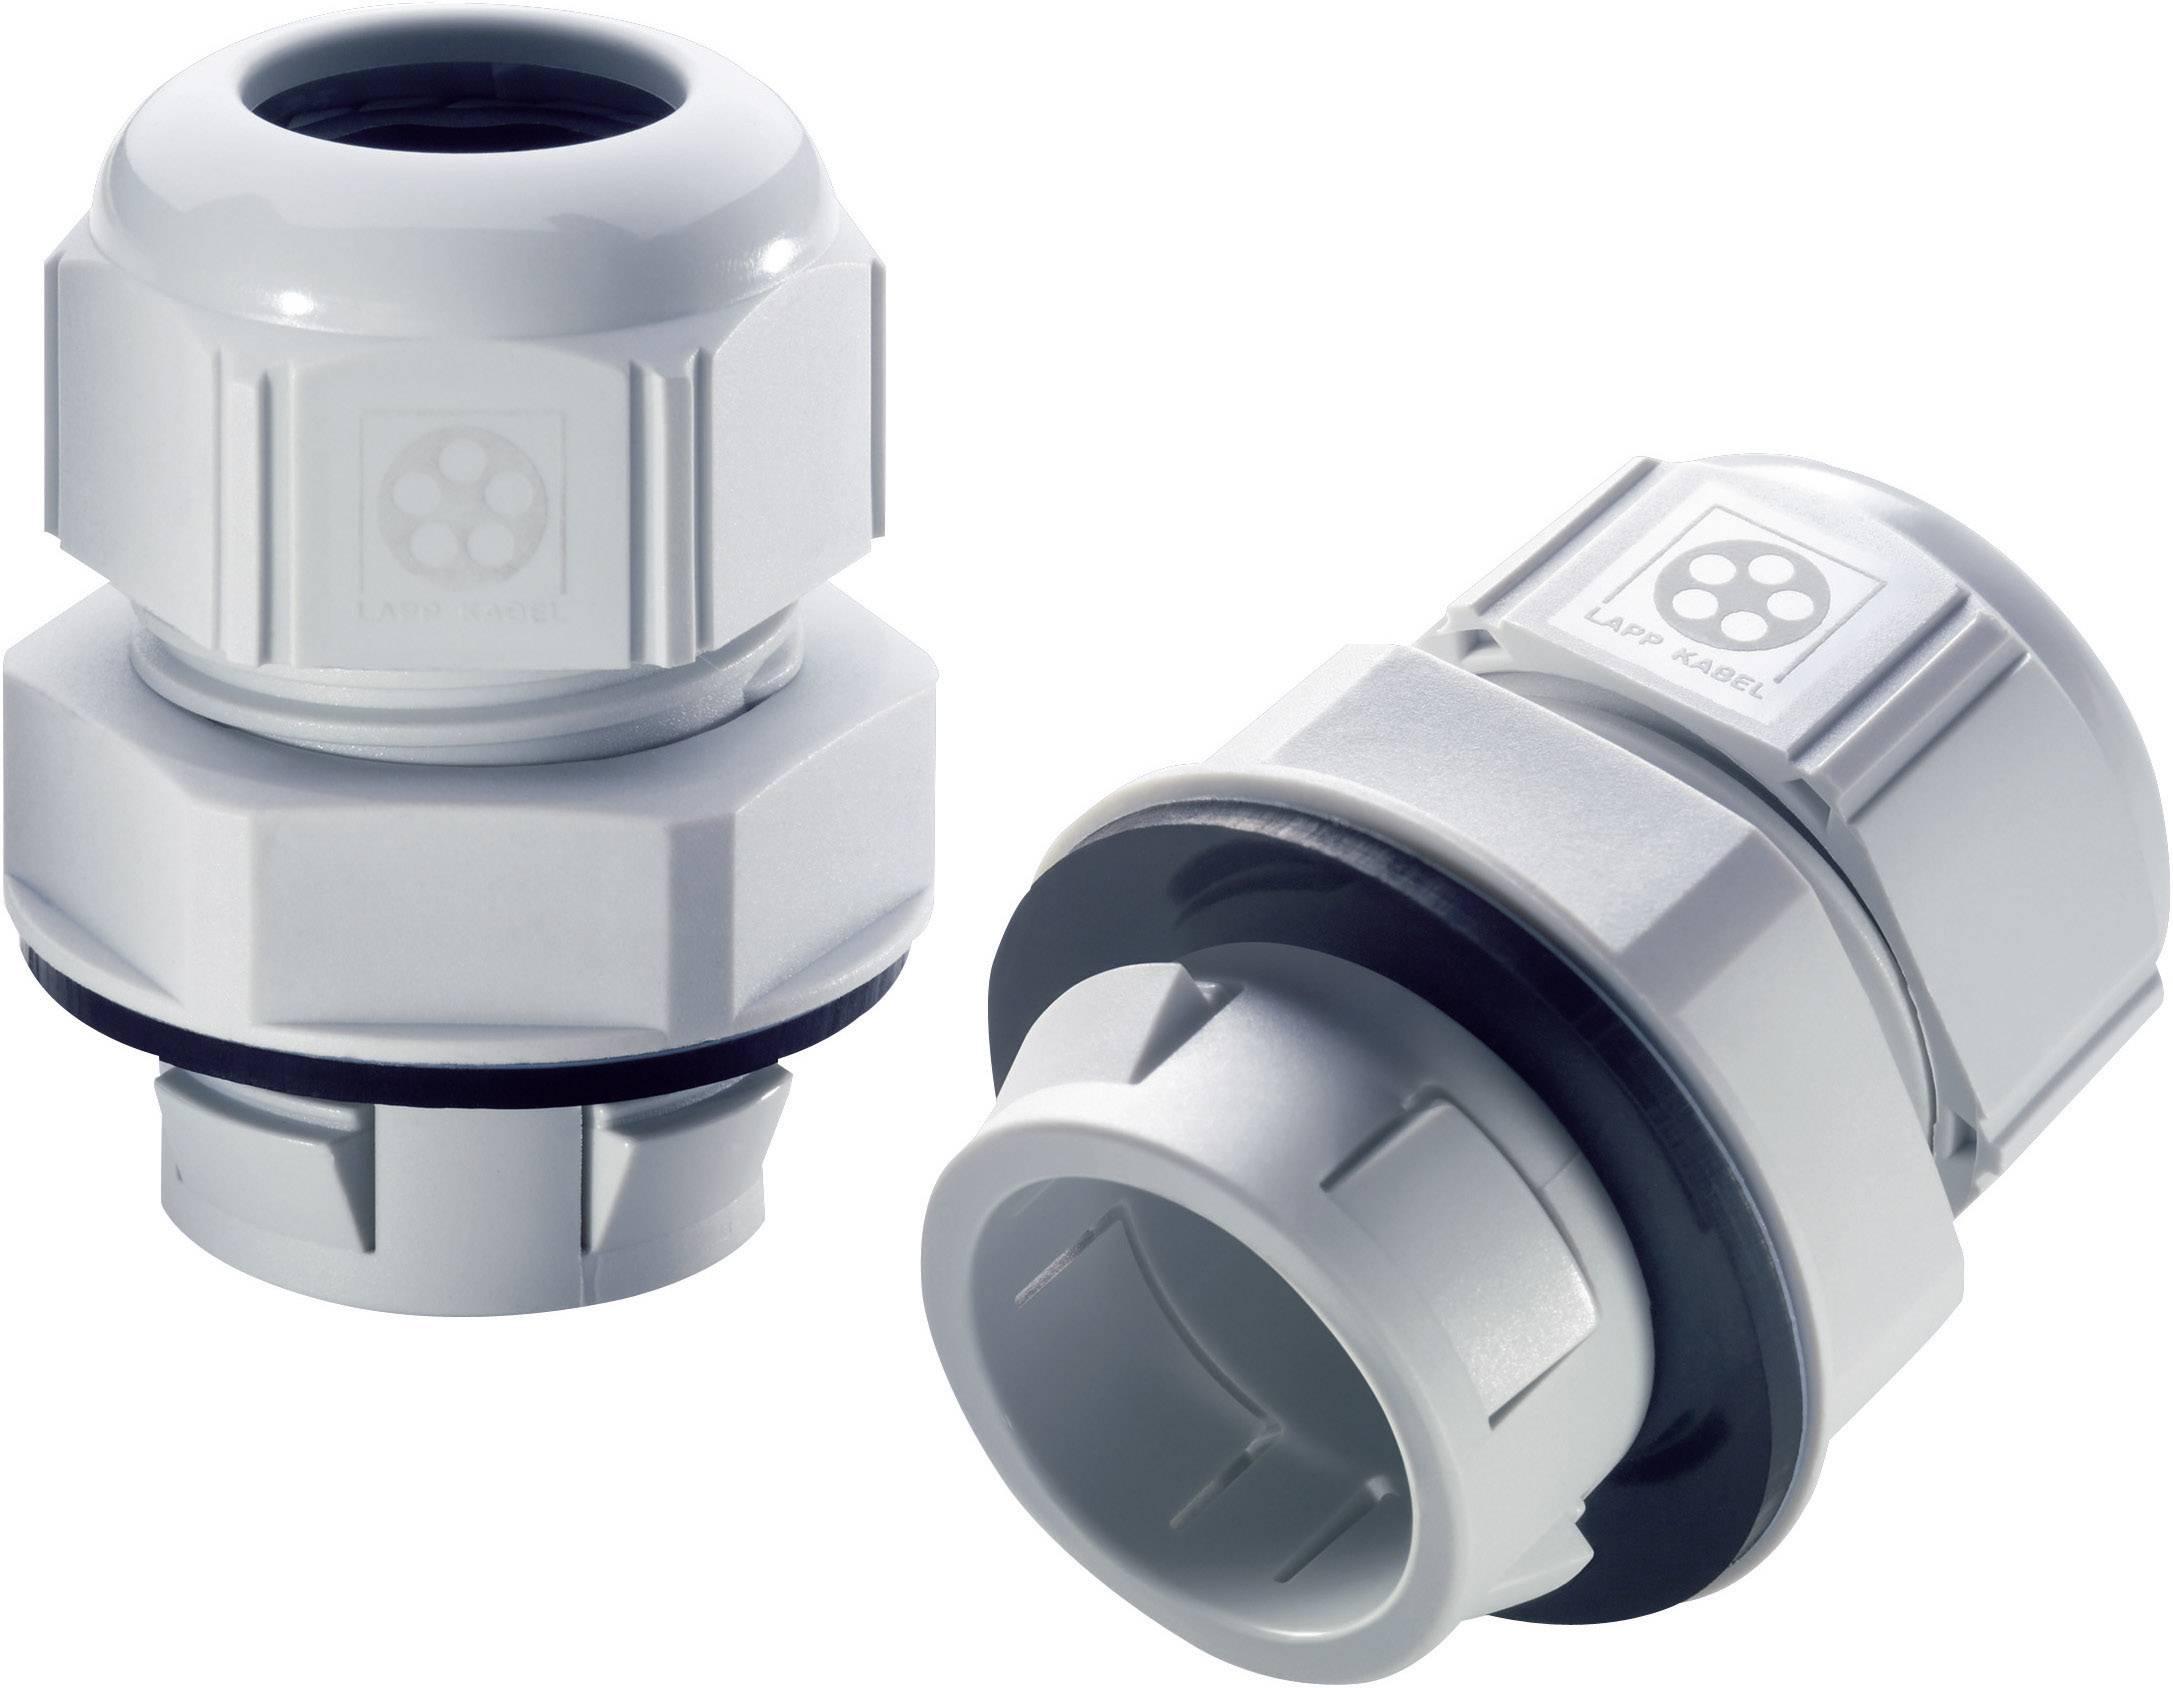 Kabelová průchodka LappKabel Click-R M16 (53112689), M16, světle šedá (RAL 7035)